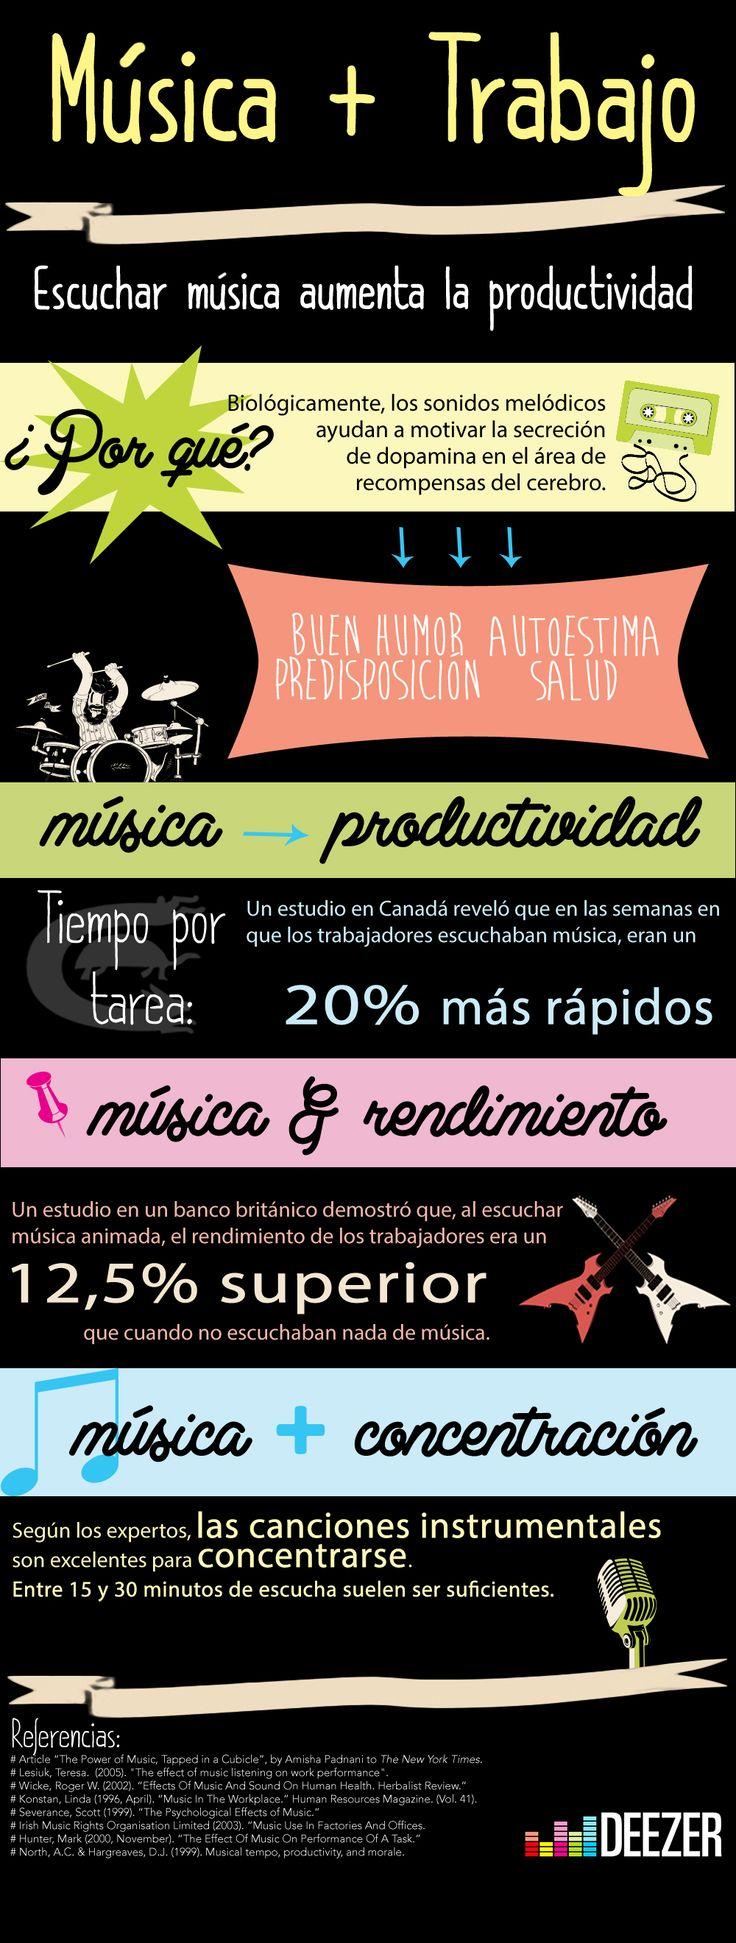 La importancia de la música en tu empresa ;). Infografía Deezer música en el trabajo #SocialMedia #Marketing